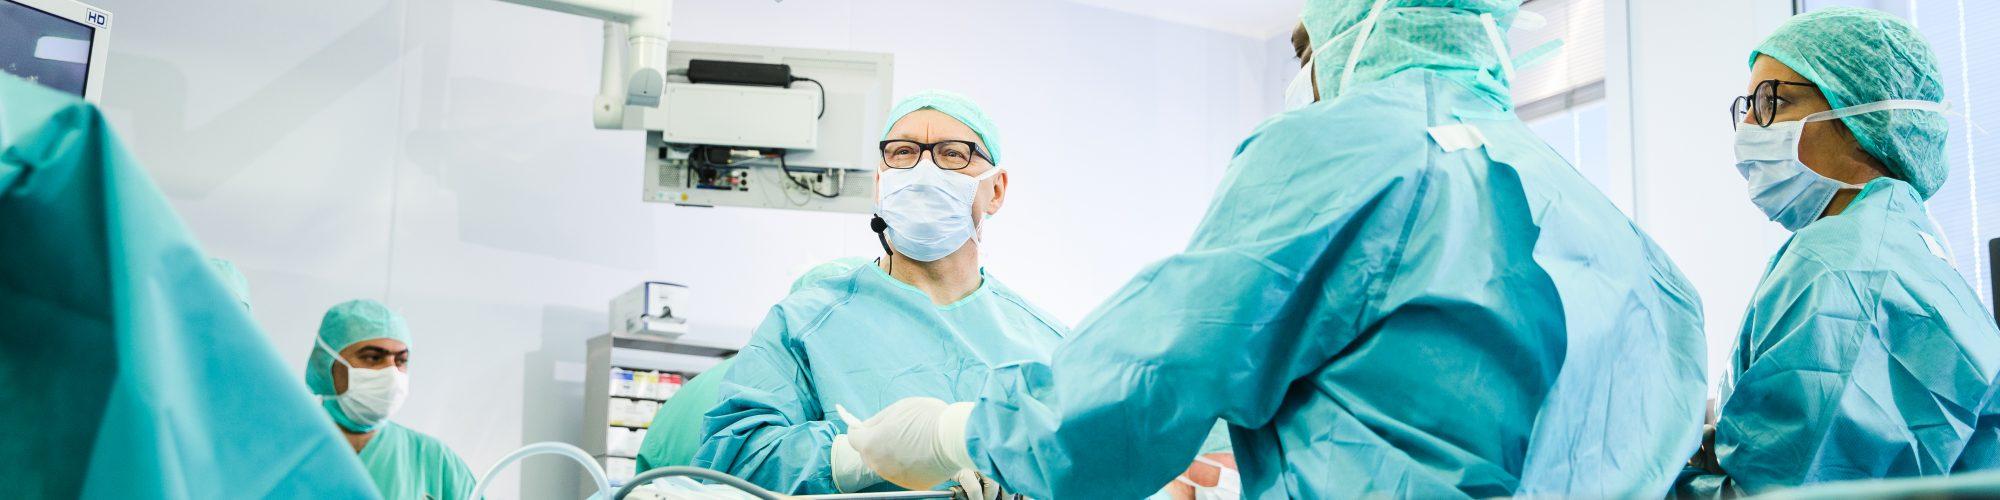 OP-Saal Chirurgie